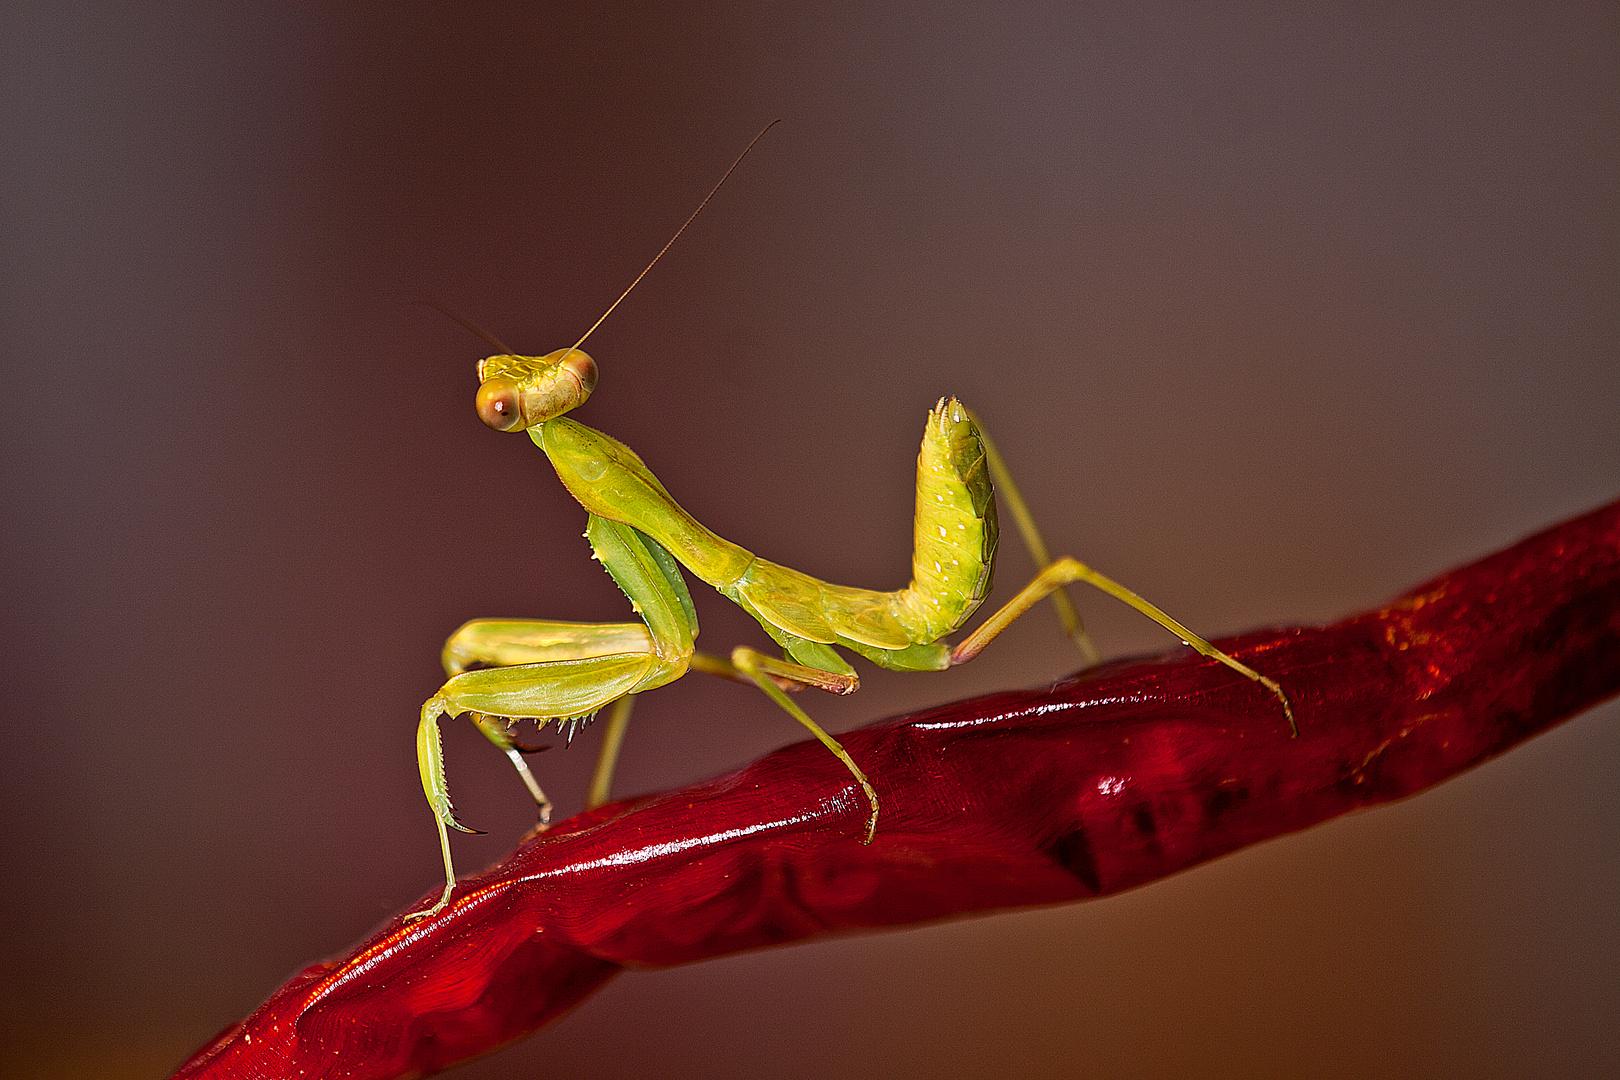 Mantis auf Chili